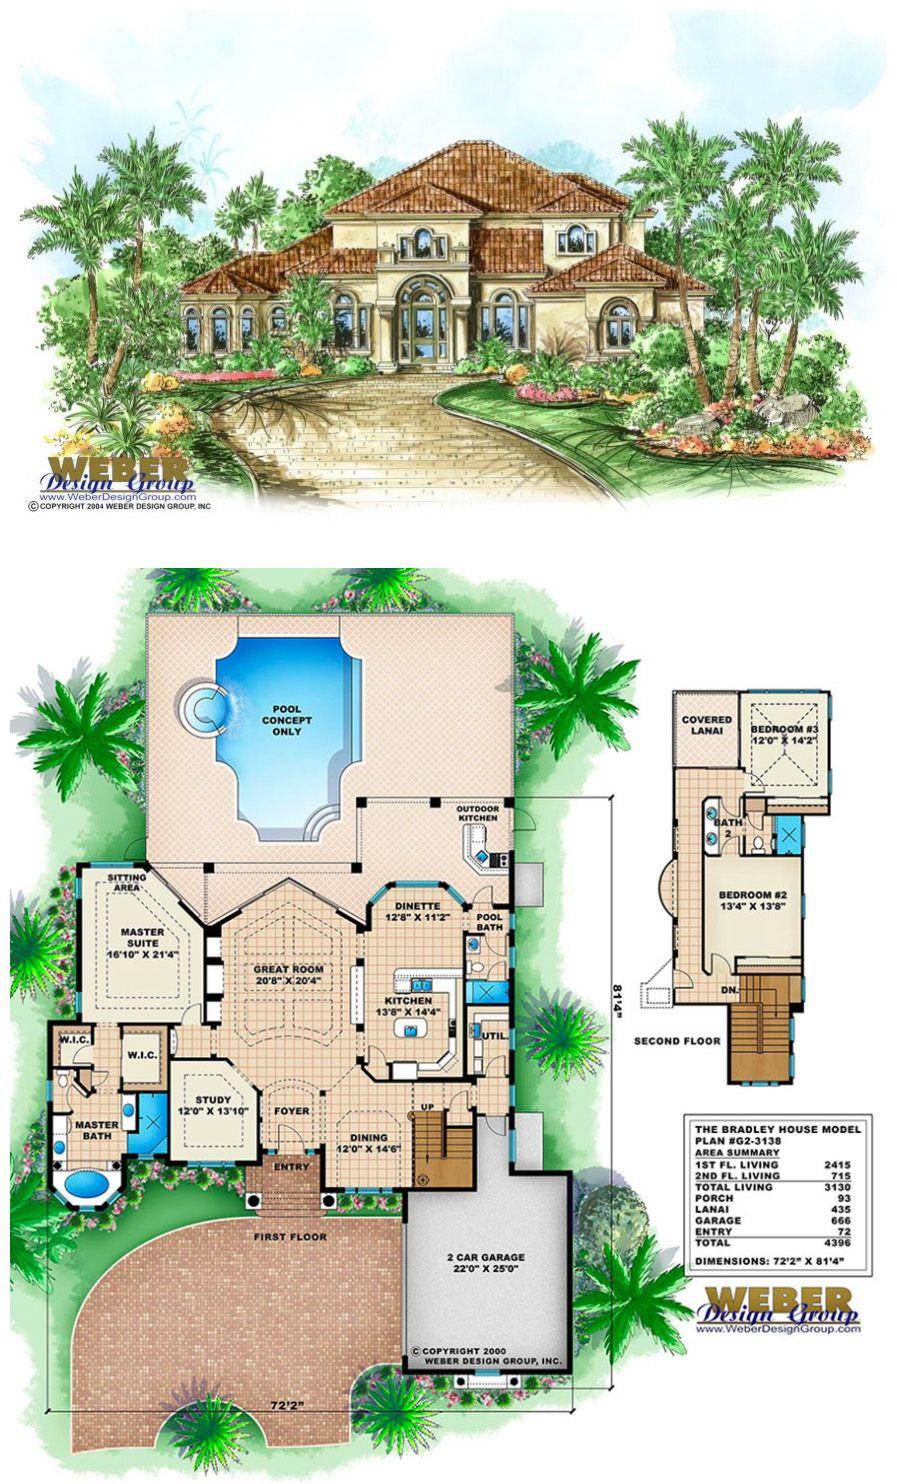 Sims 4 Floor Plan Google Suche Mediterrane Hausplane Luxushaus Haus Grundriss